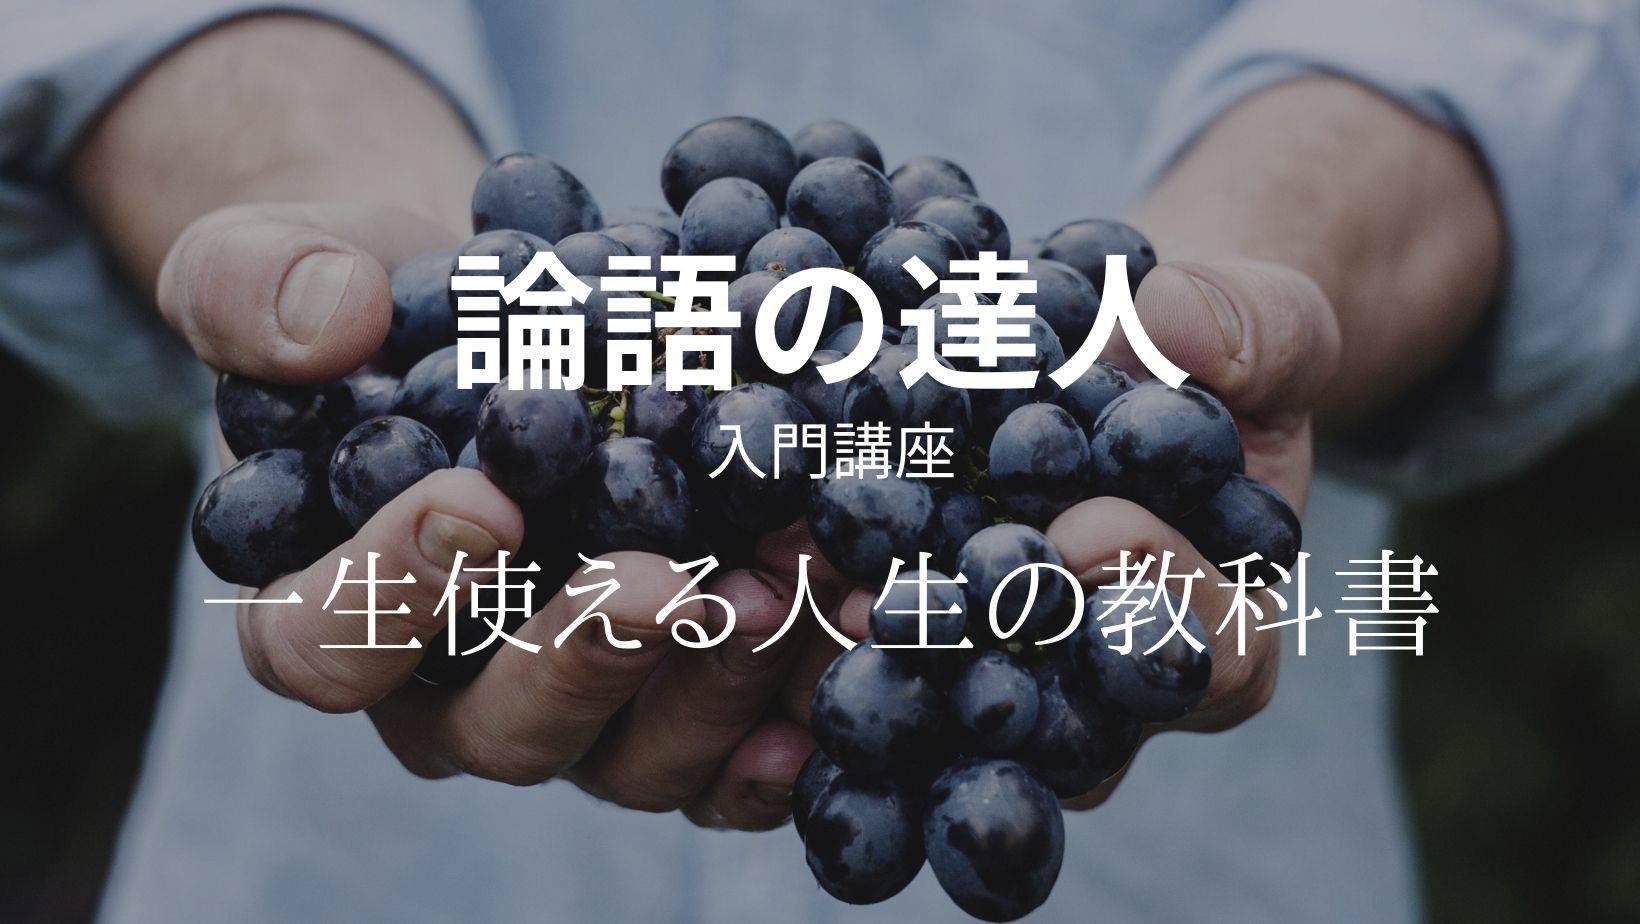 10月20日(火)論語の達人!入門編オンラインセミナー(Zoom)のイメージその1